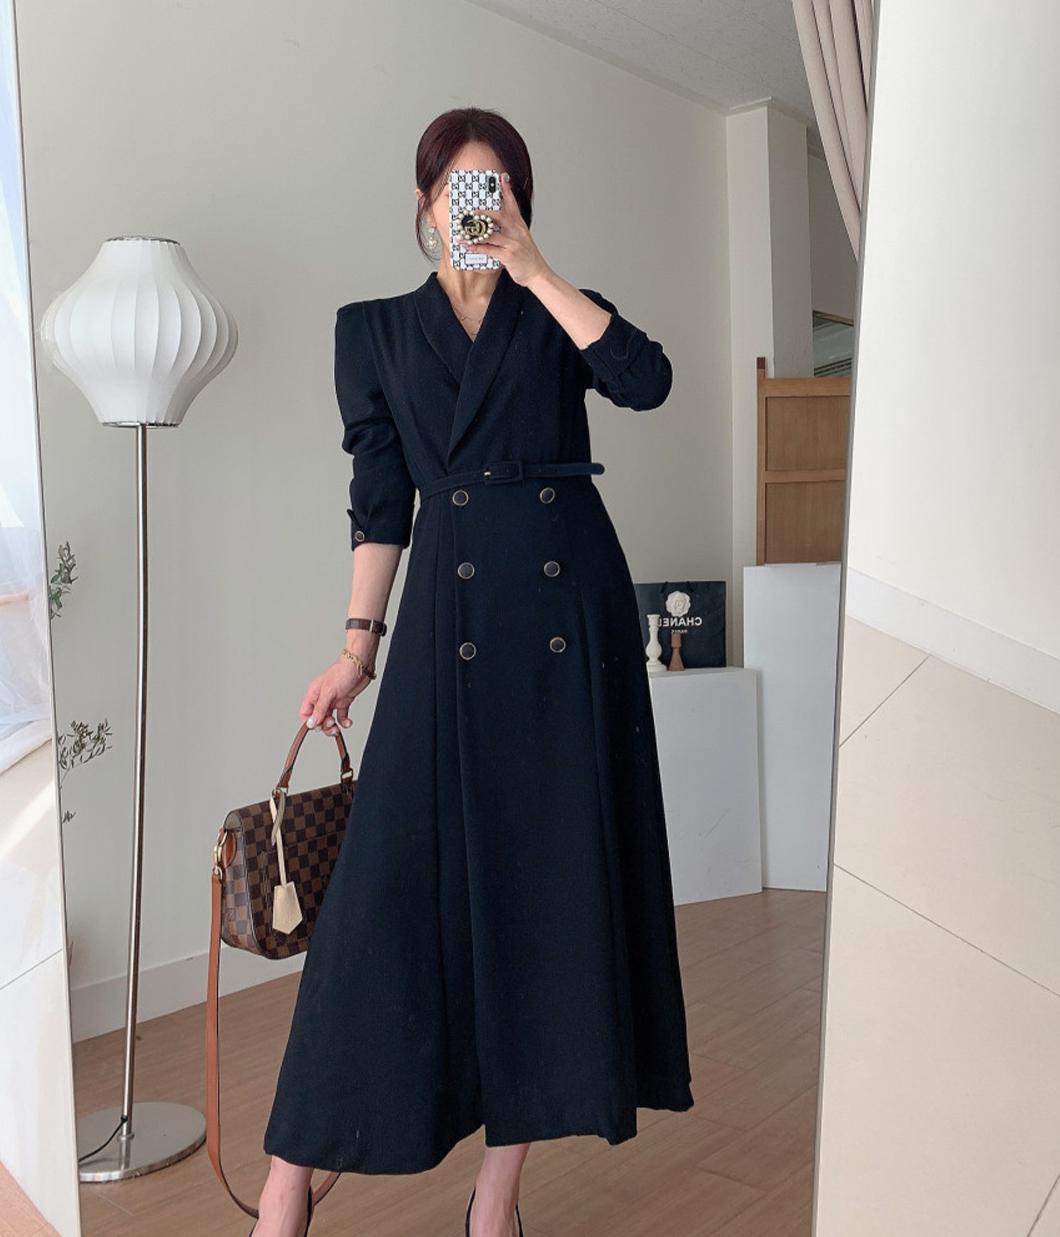 20.素雅雙排釦厚雪紡洋裝(附腰帶)